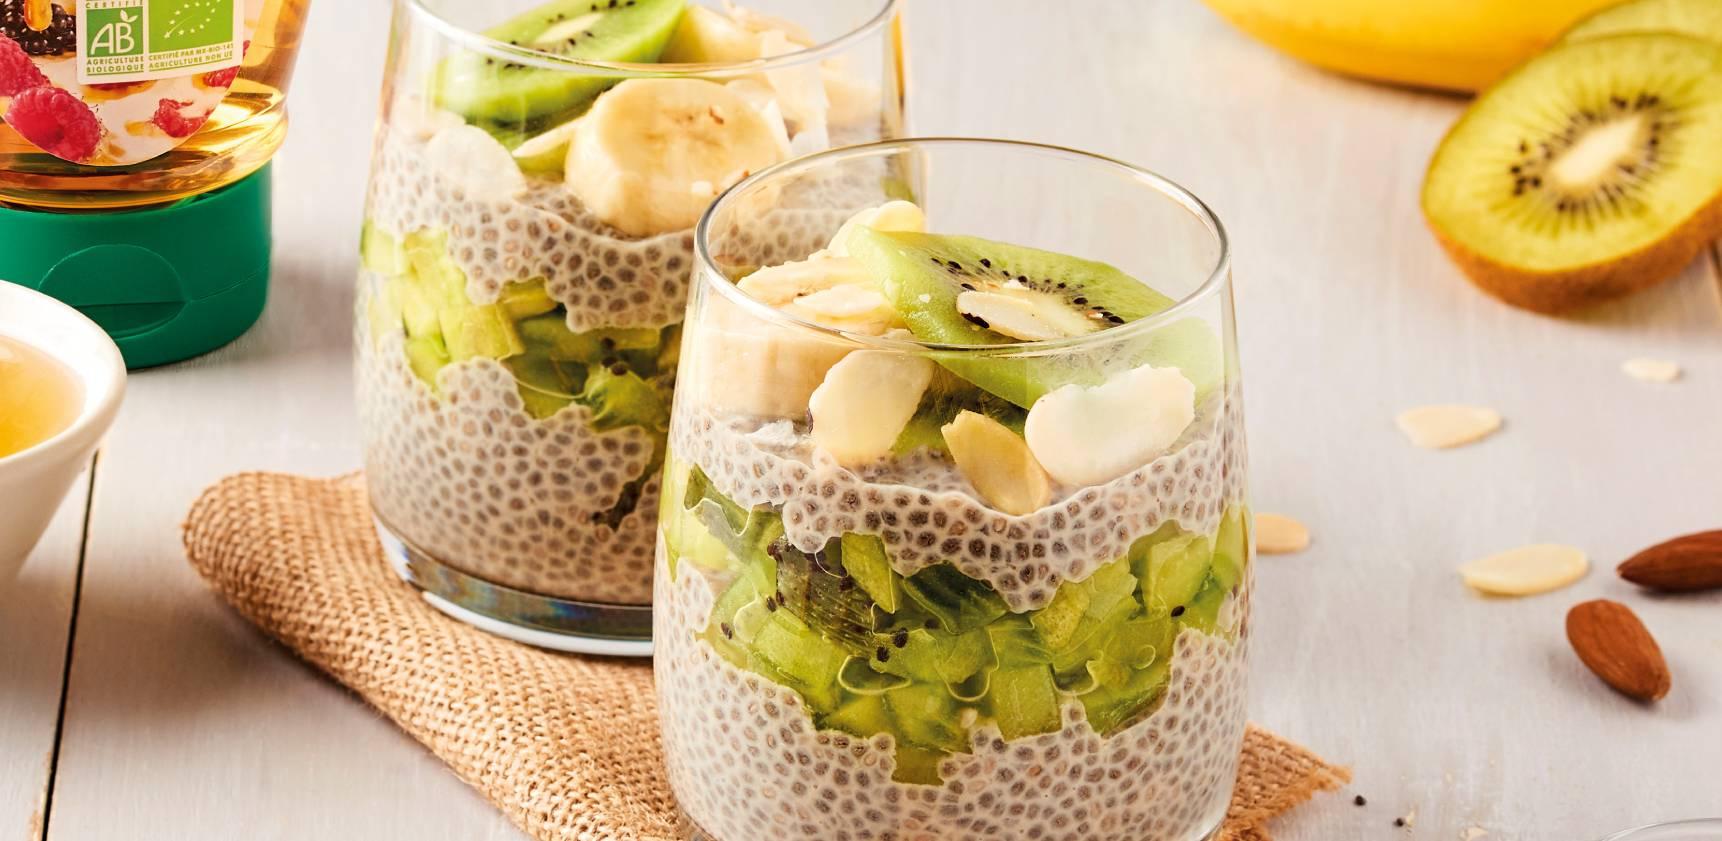 Mes Recettes recette végétarienne dessert gourmand image chia pudding fruits frais banane kiwi diététique healthy